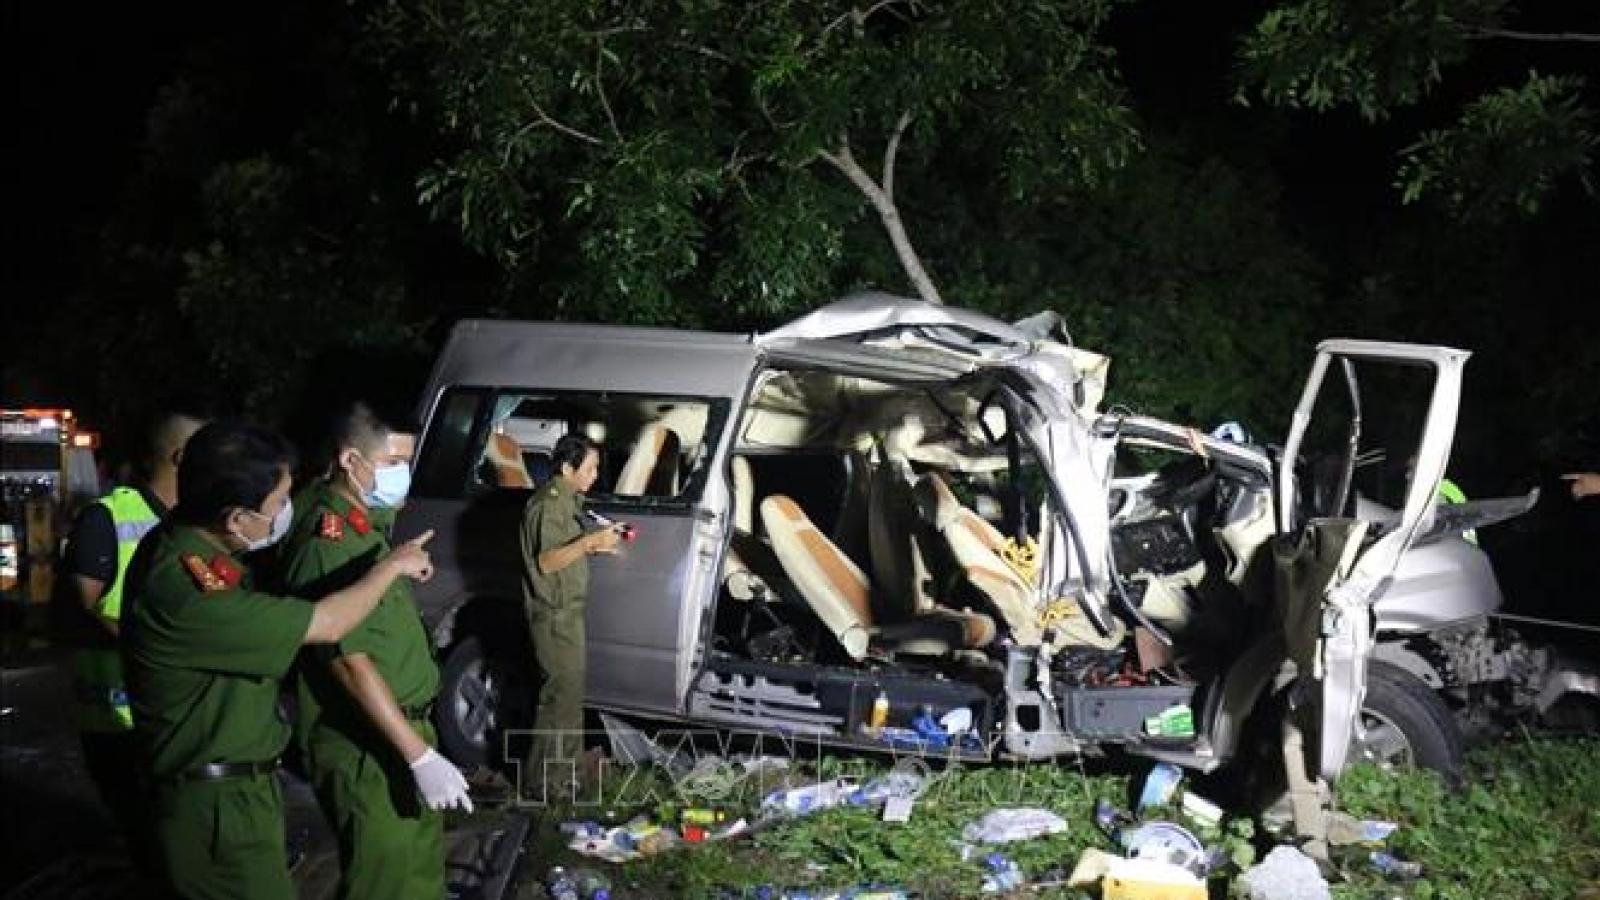 Phó Thủ tướng chỉ đạo điều tra vụ TNGT làm 8 người chết ở Bình Thuận